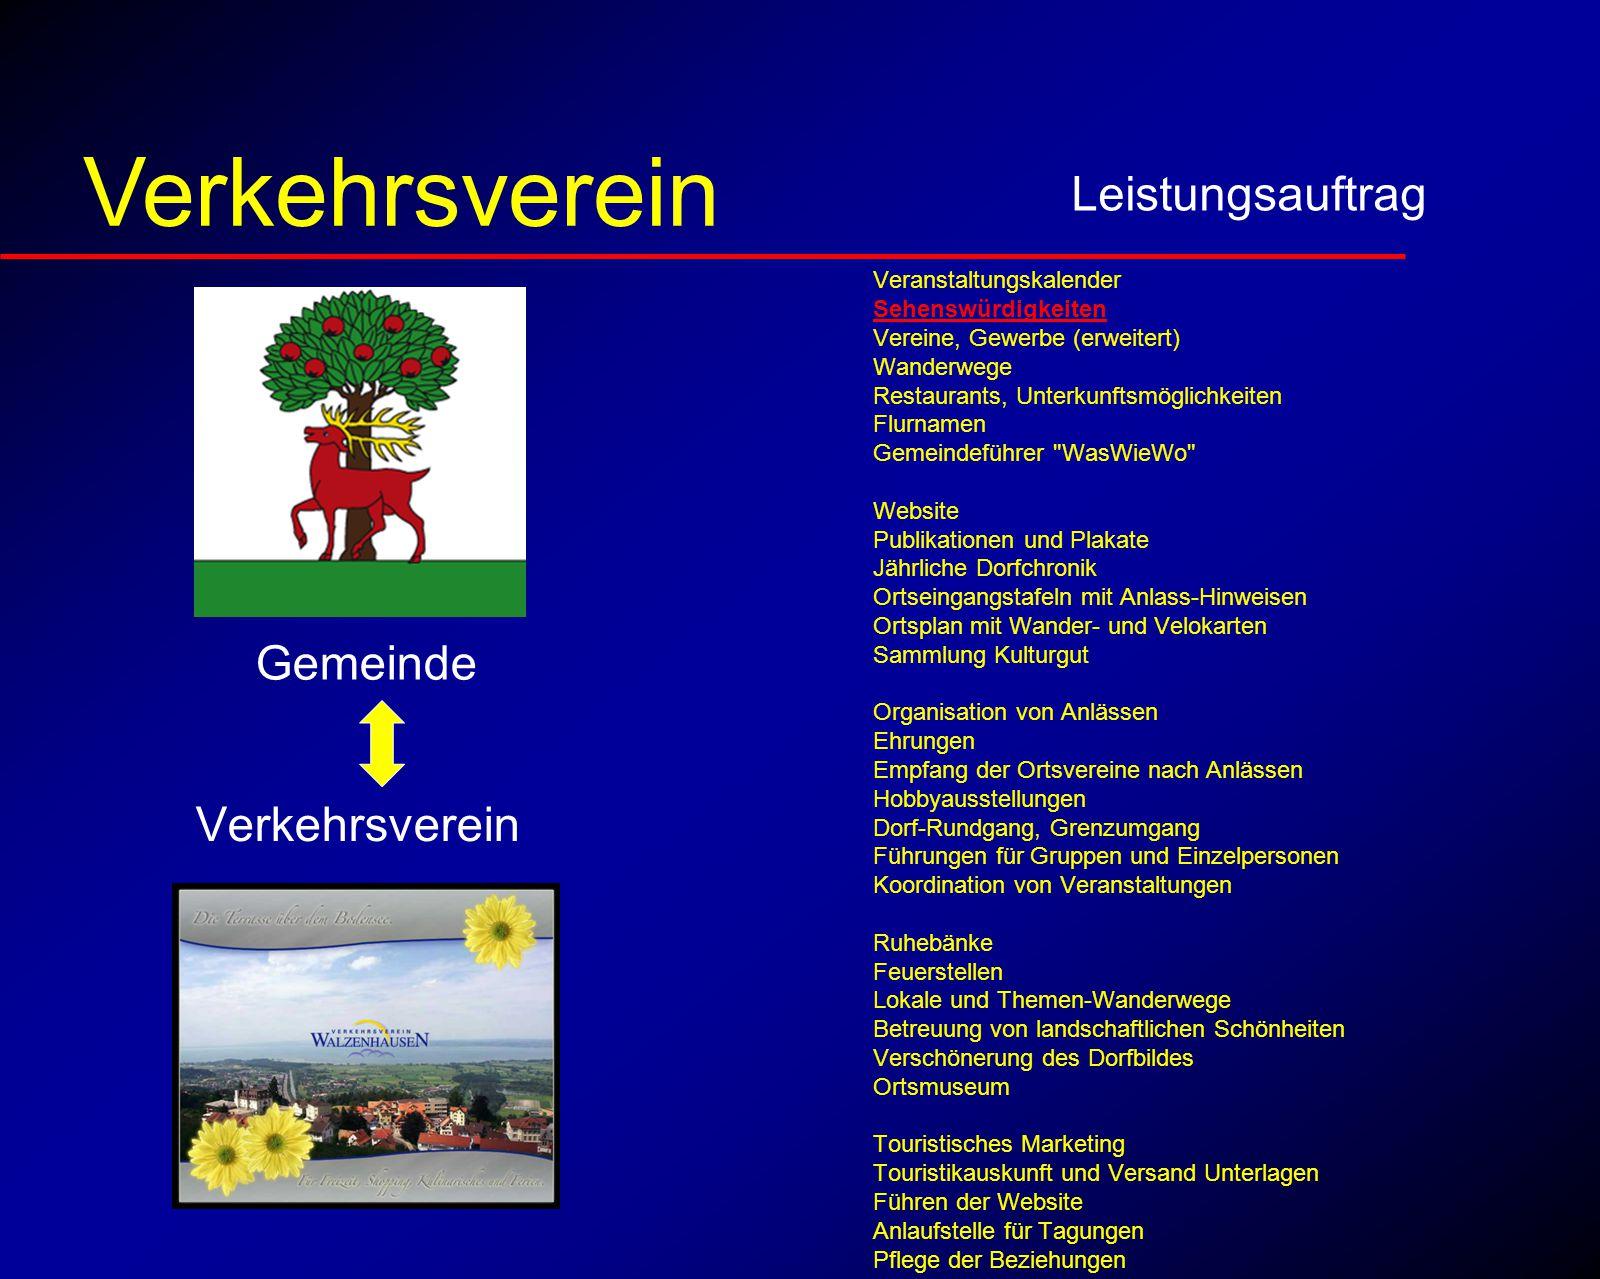 Leistungsauftrag Verkehrsverein Veranstaltungskalender Sehenswürdigkeiten Vereine, Gewerbe (erweitert) Wanderwege Restaurants, Unterkunftsmöglichkeite